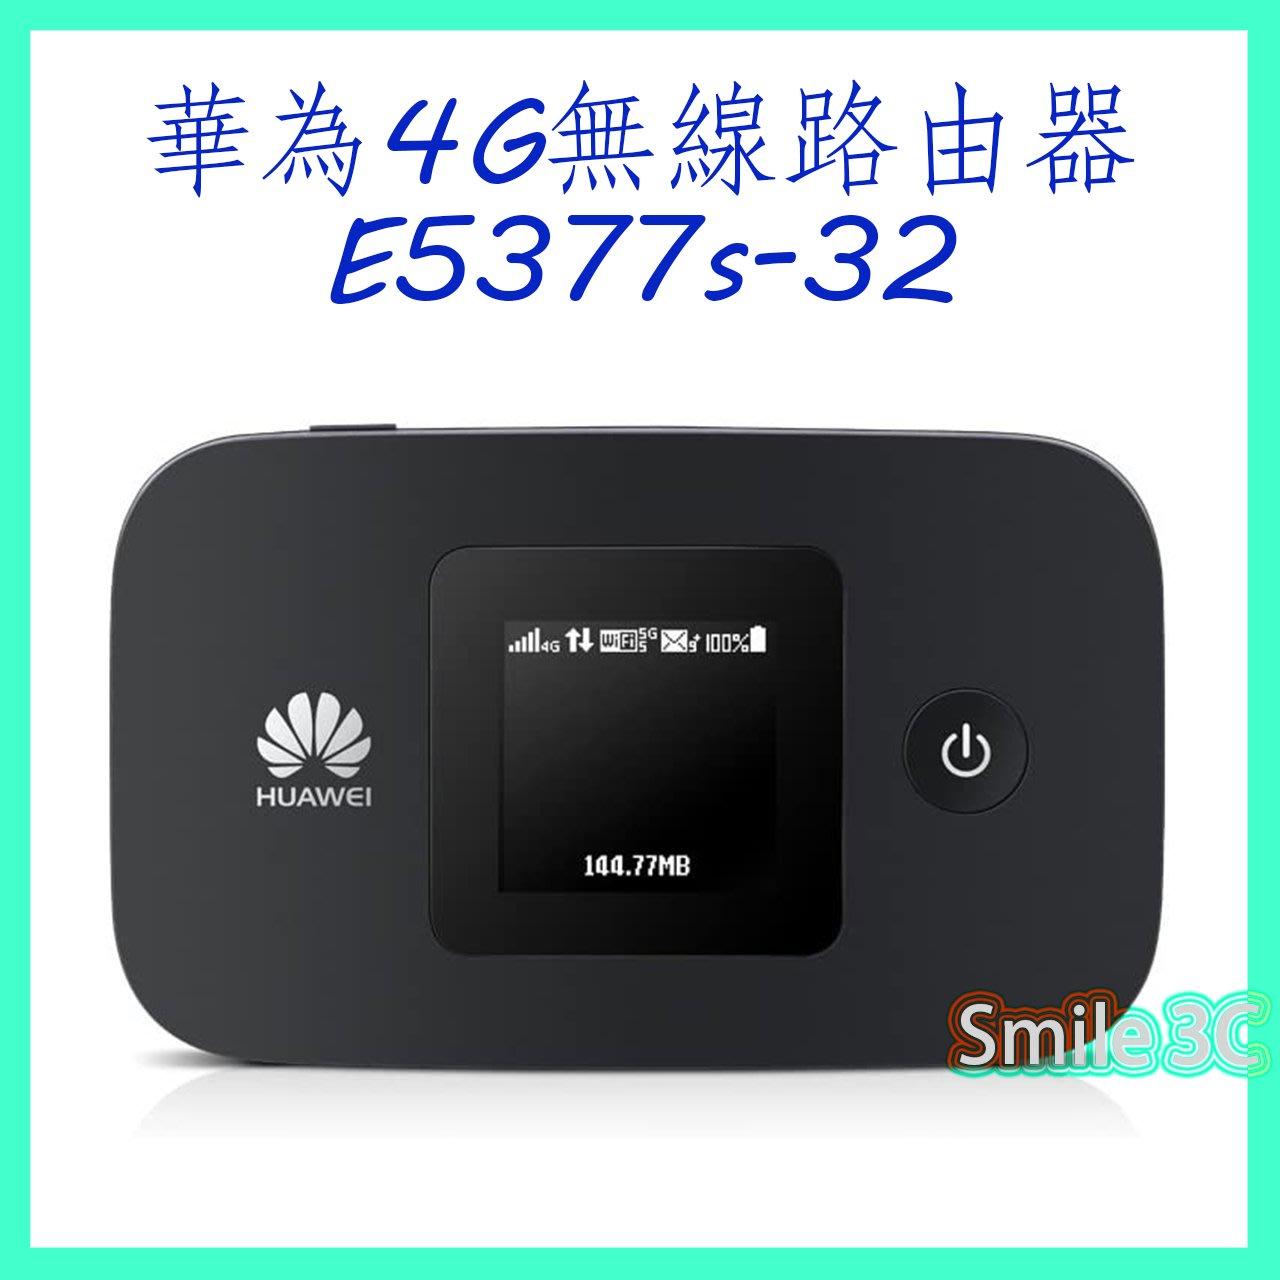 【送轉接卡】華為 E5377s-32 4g Wifi分享器無線行動網卡路由器 另售E5573 e5577 e5377